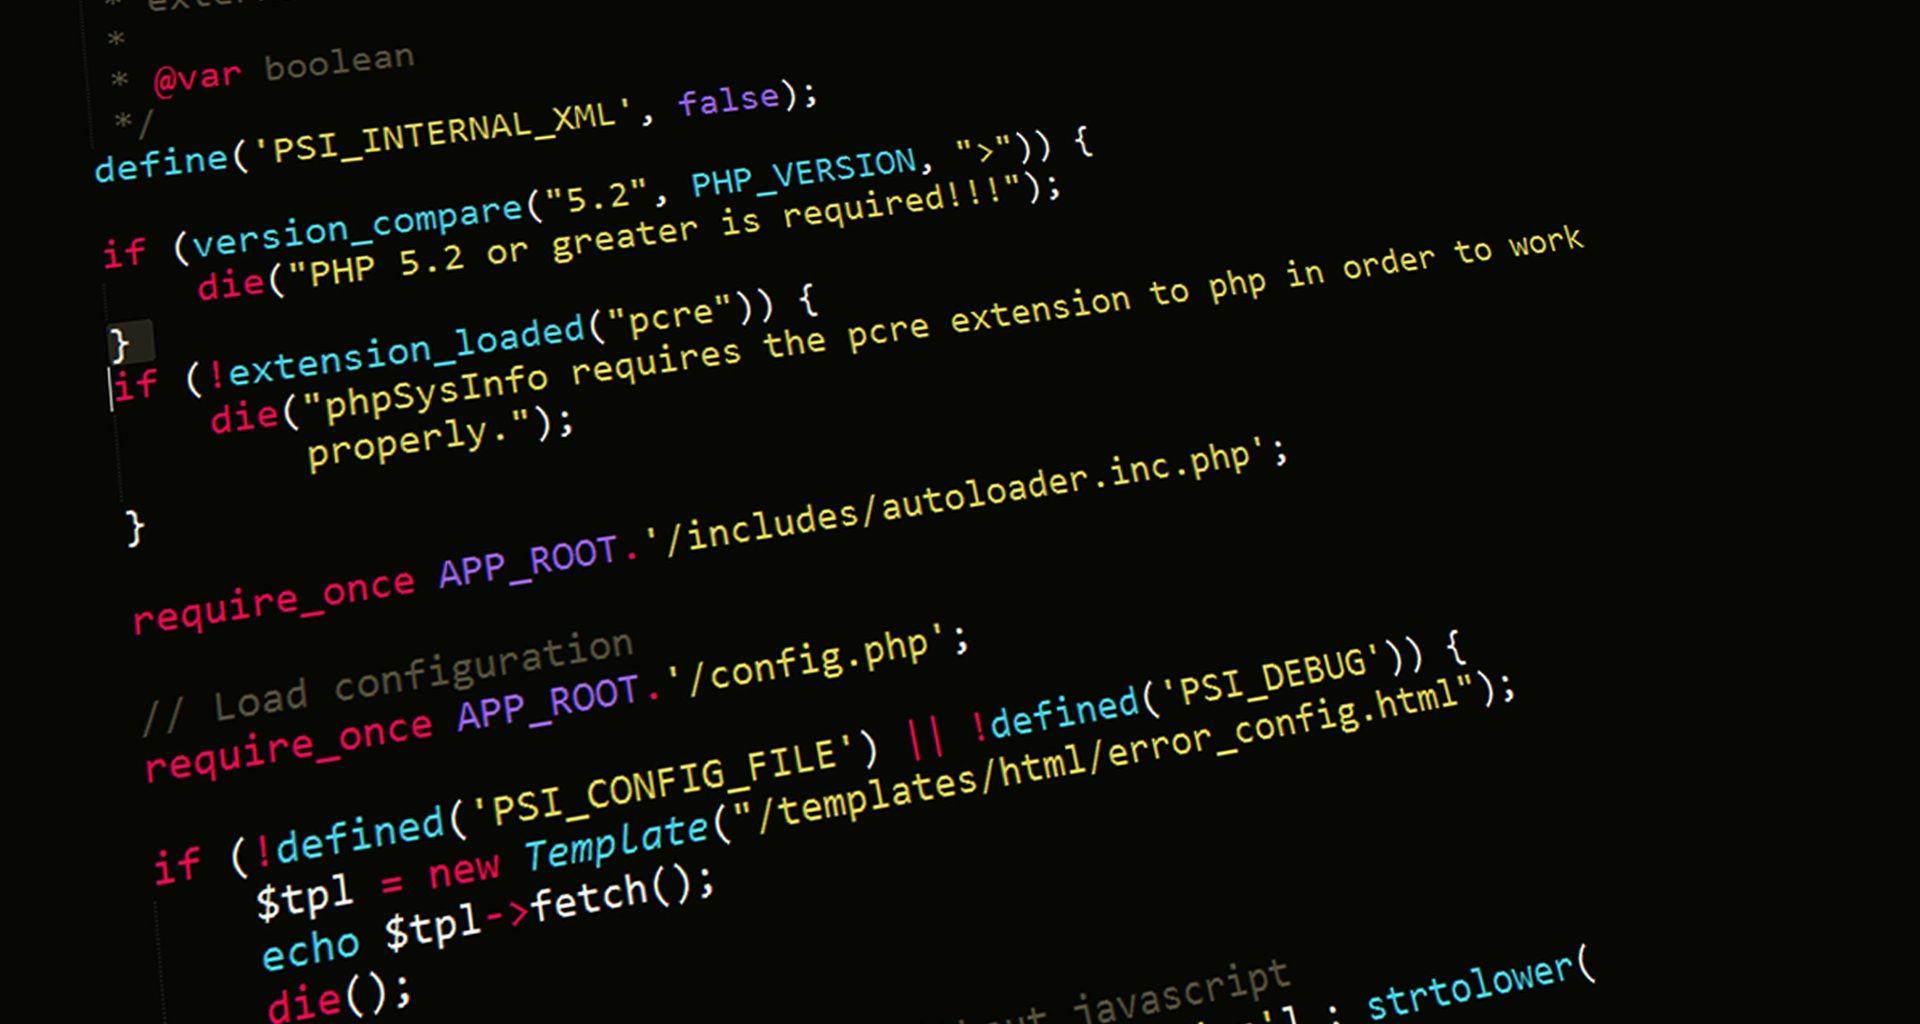 Upoznavanje s WordPress sustava za upravljanje sadržajem i.